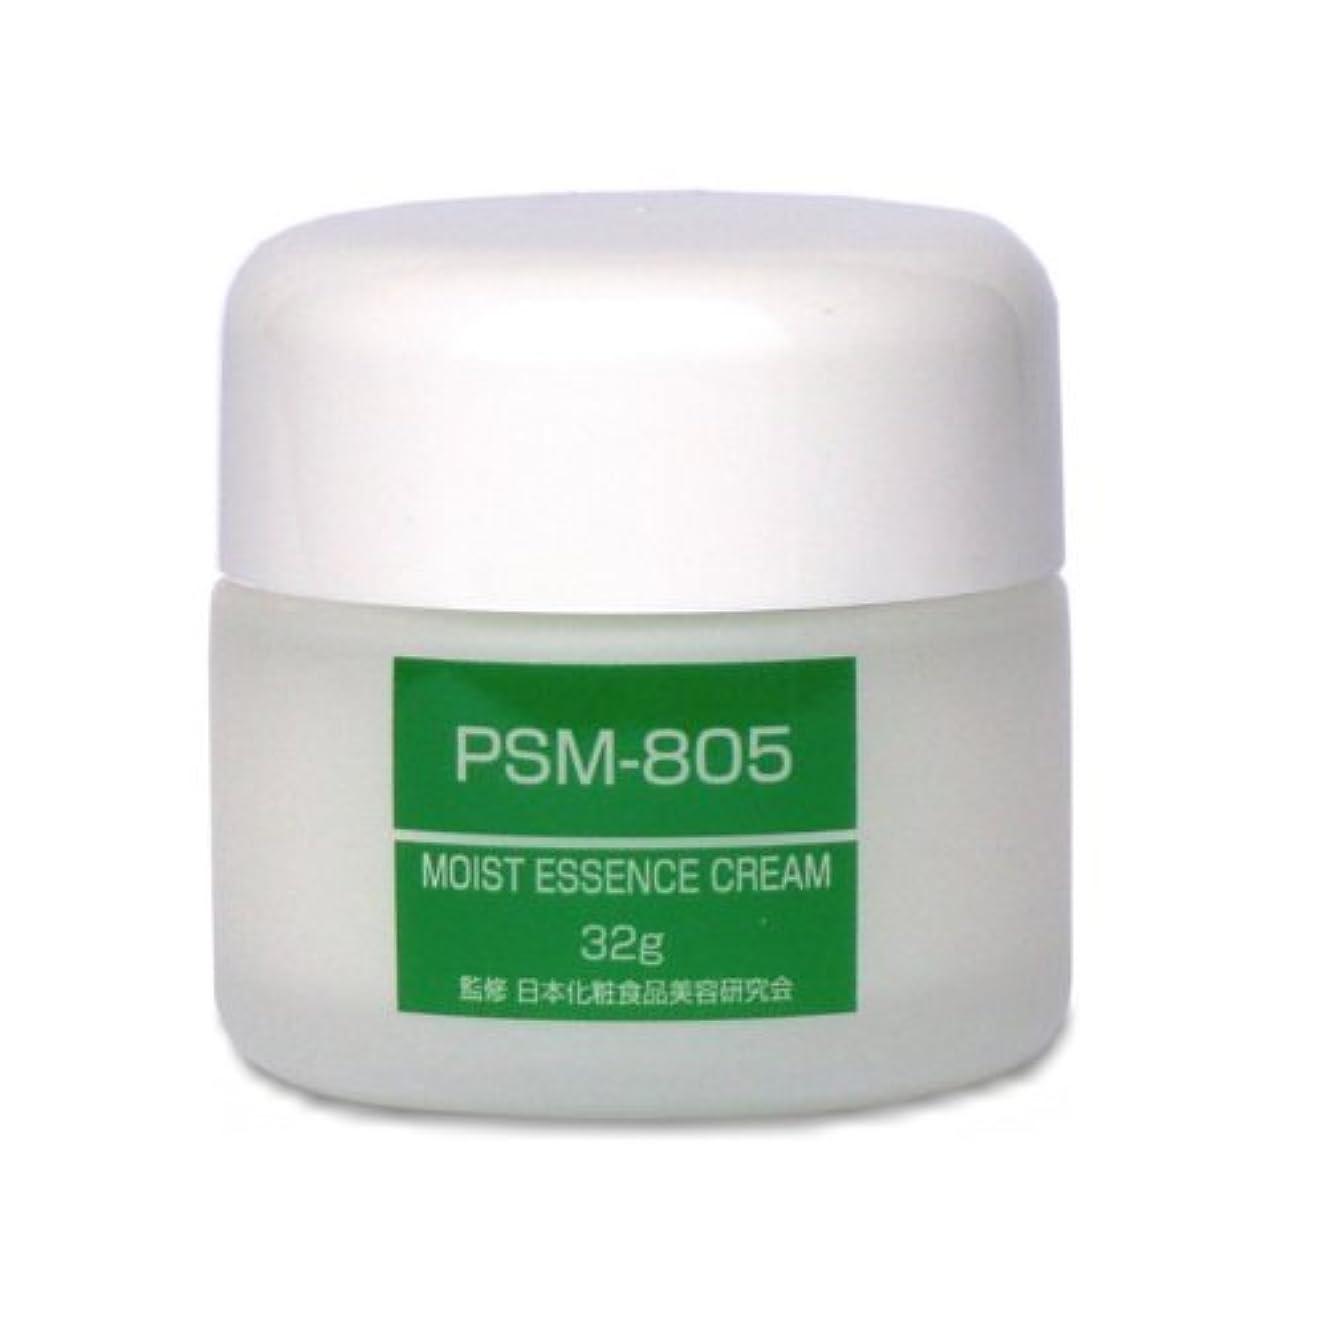 備品重要な切り離すCFB モイストエッセンスクリーム PSM805 32g